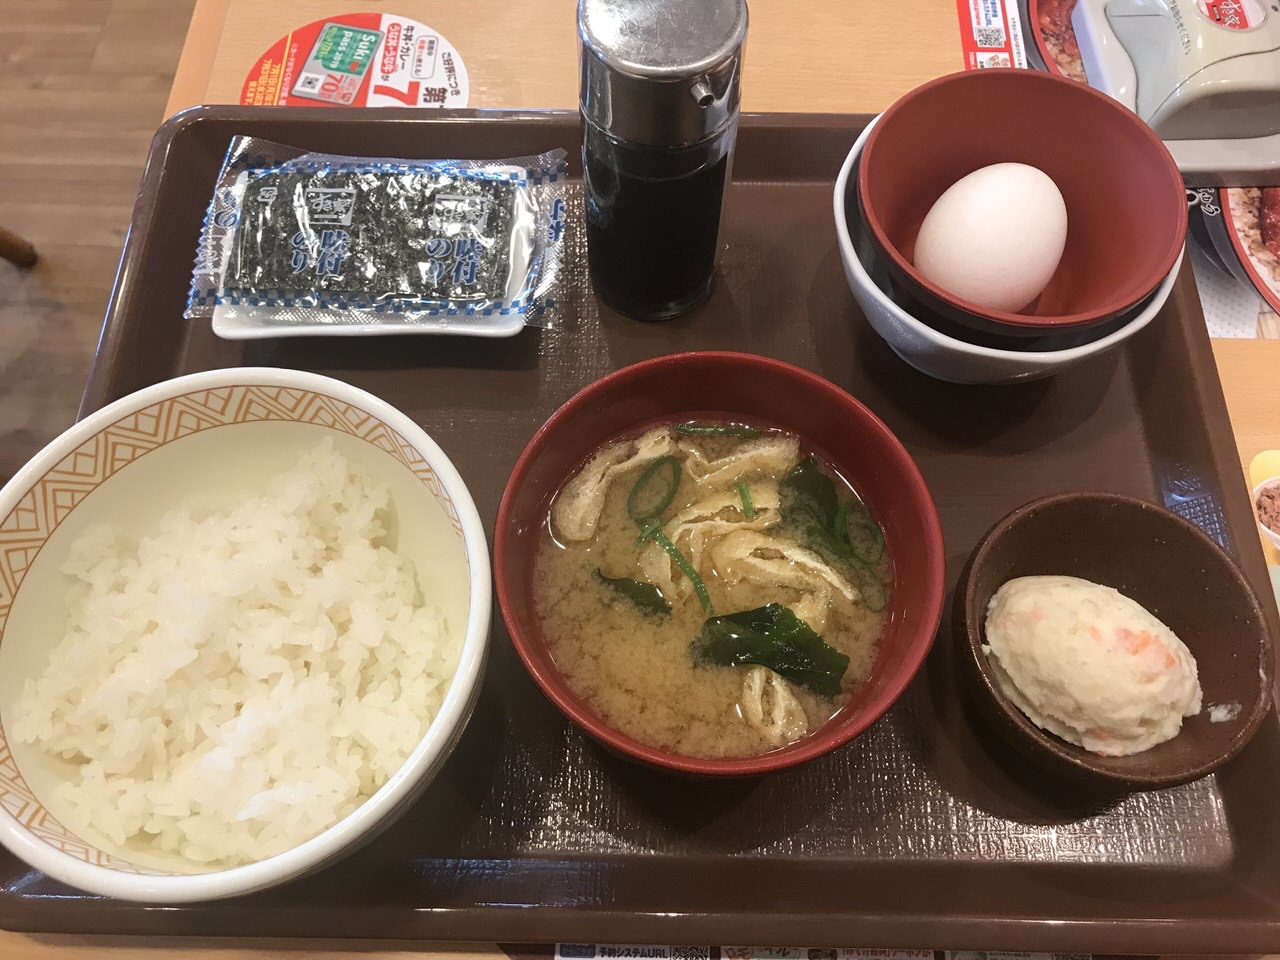 すき家の朝食「たまかけ朝食」1